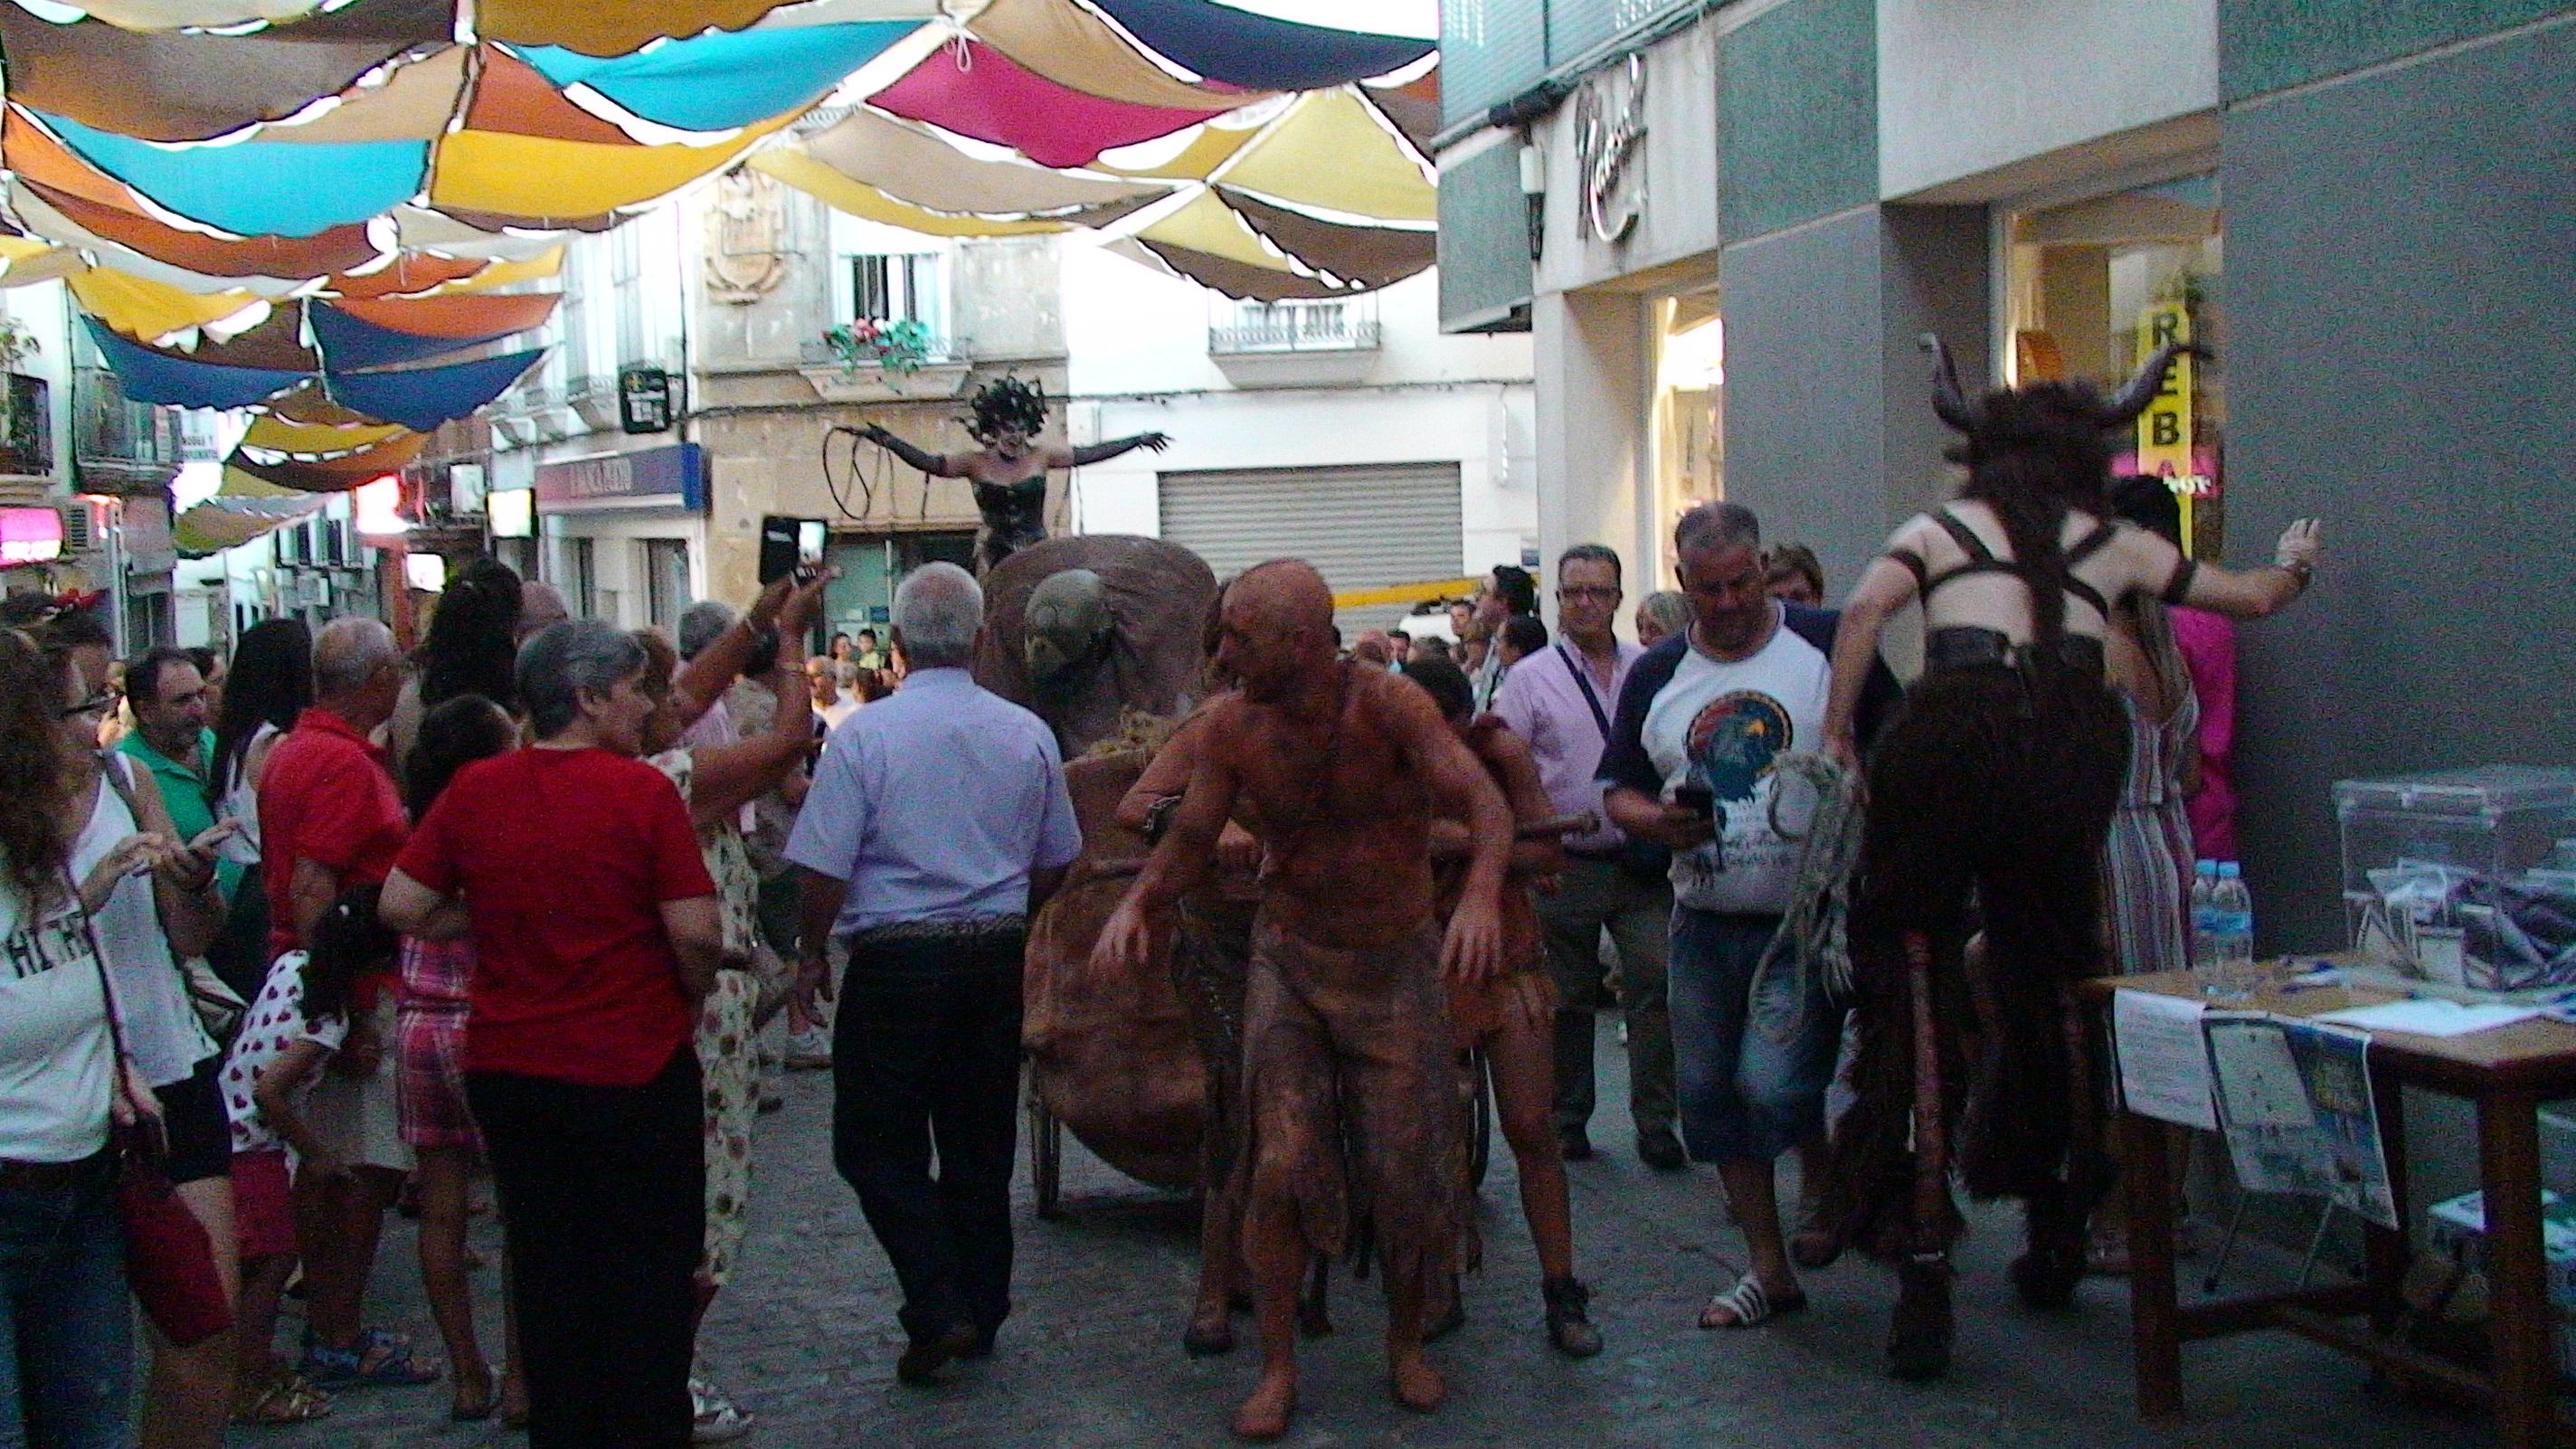 El espectáculo teatral 'Tártaros' dejó boquiabierto a los ilipenses con monstruos y dioses